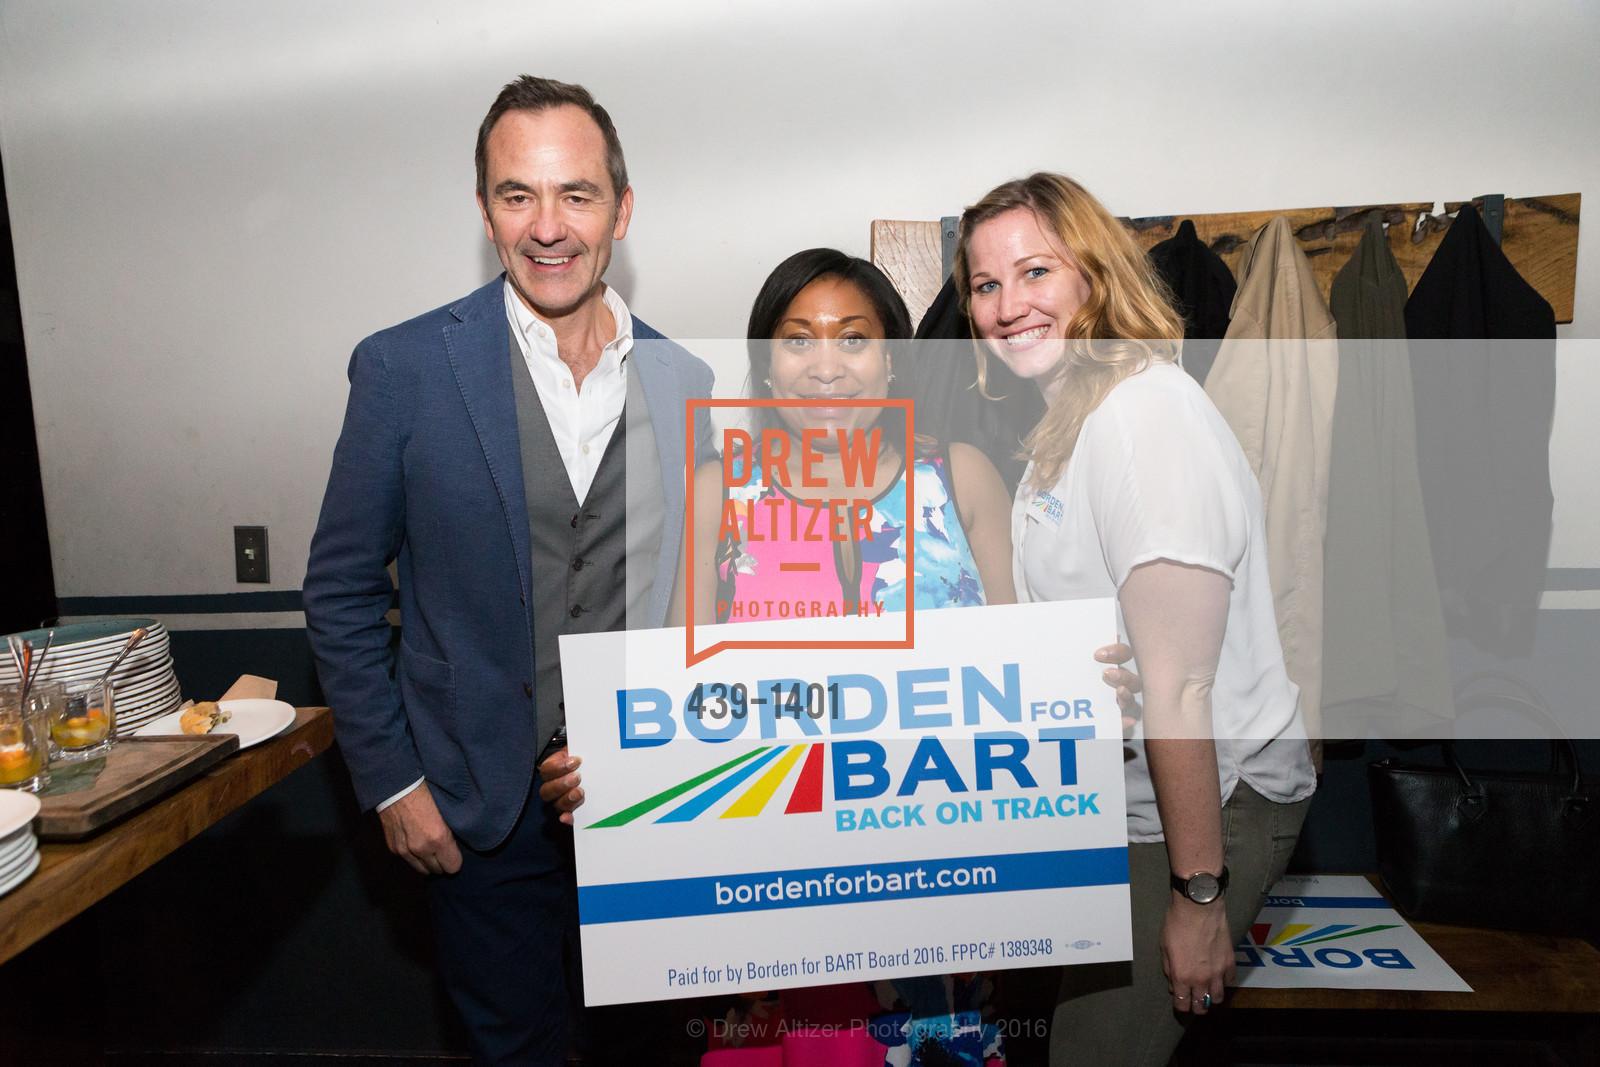 Adriano Paganini, Gwyneth Borden, Samantha Higgins, Photo #439-1401